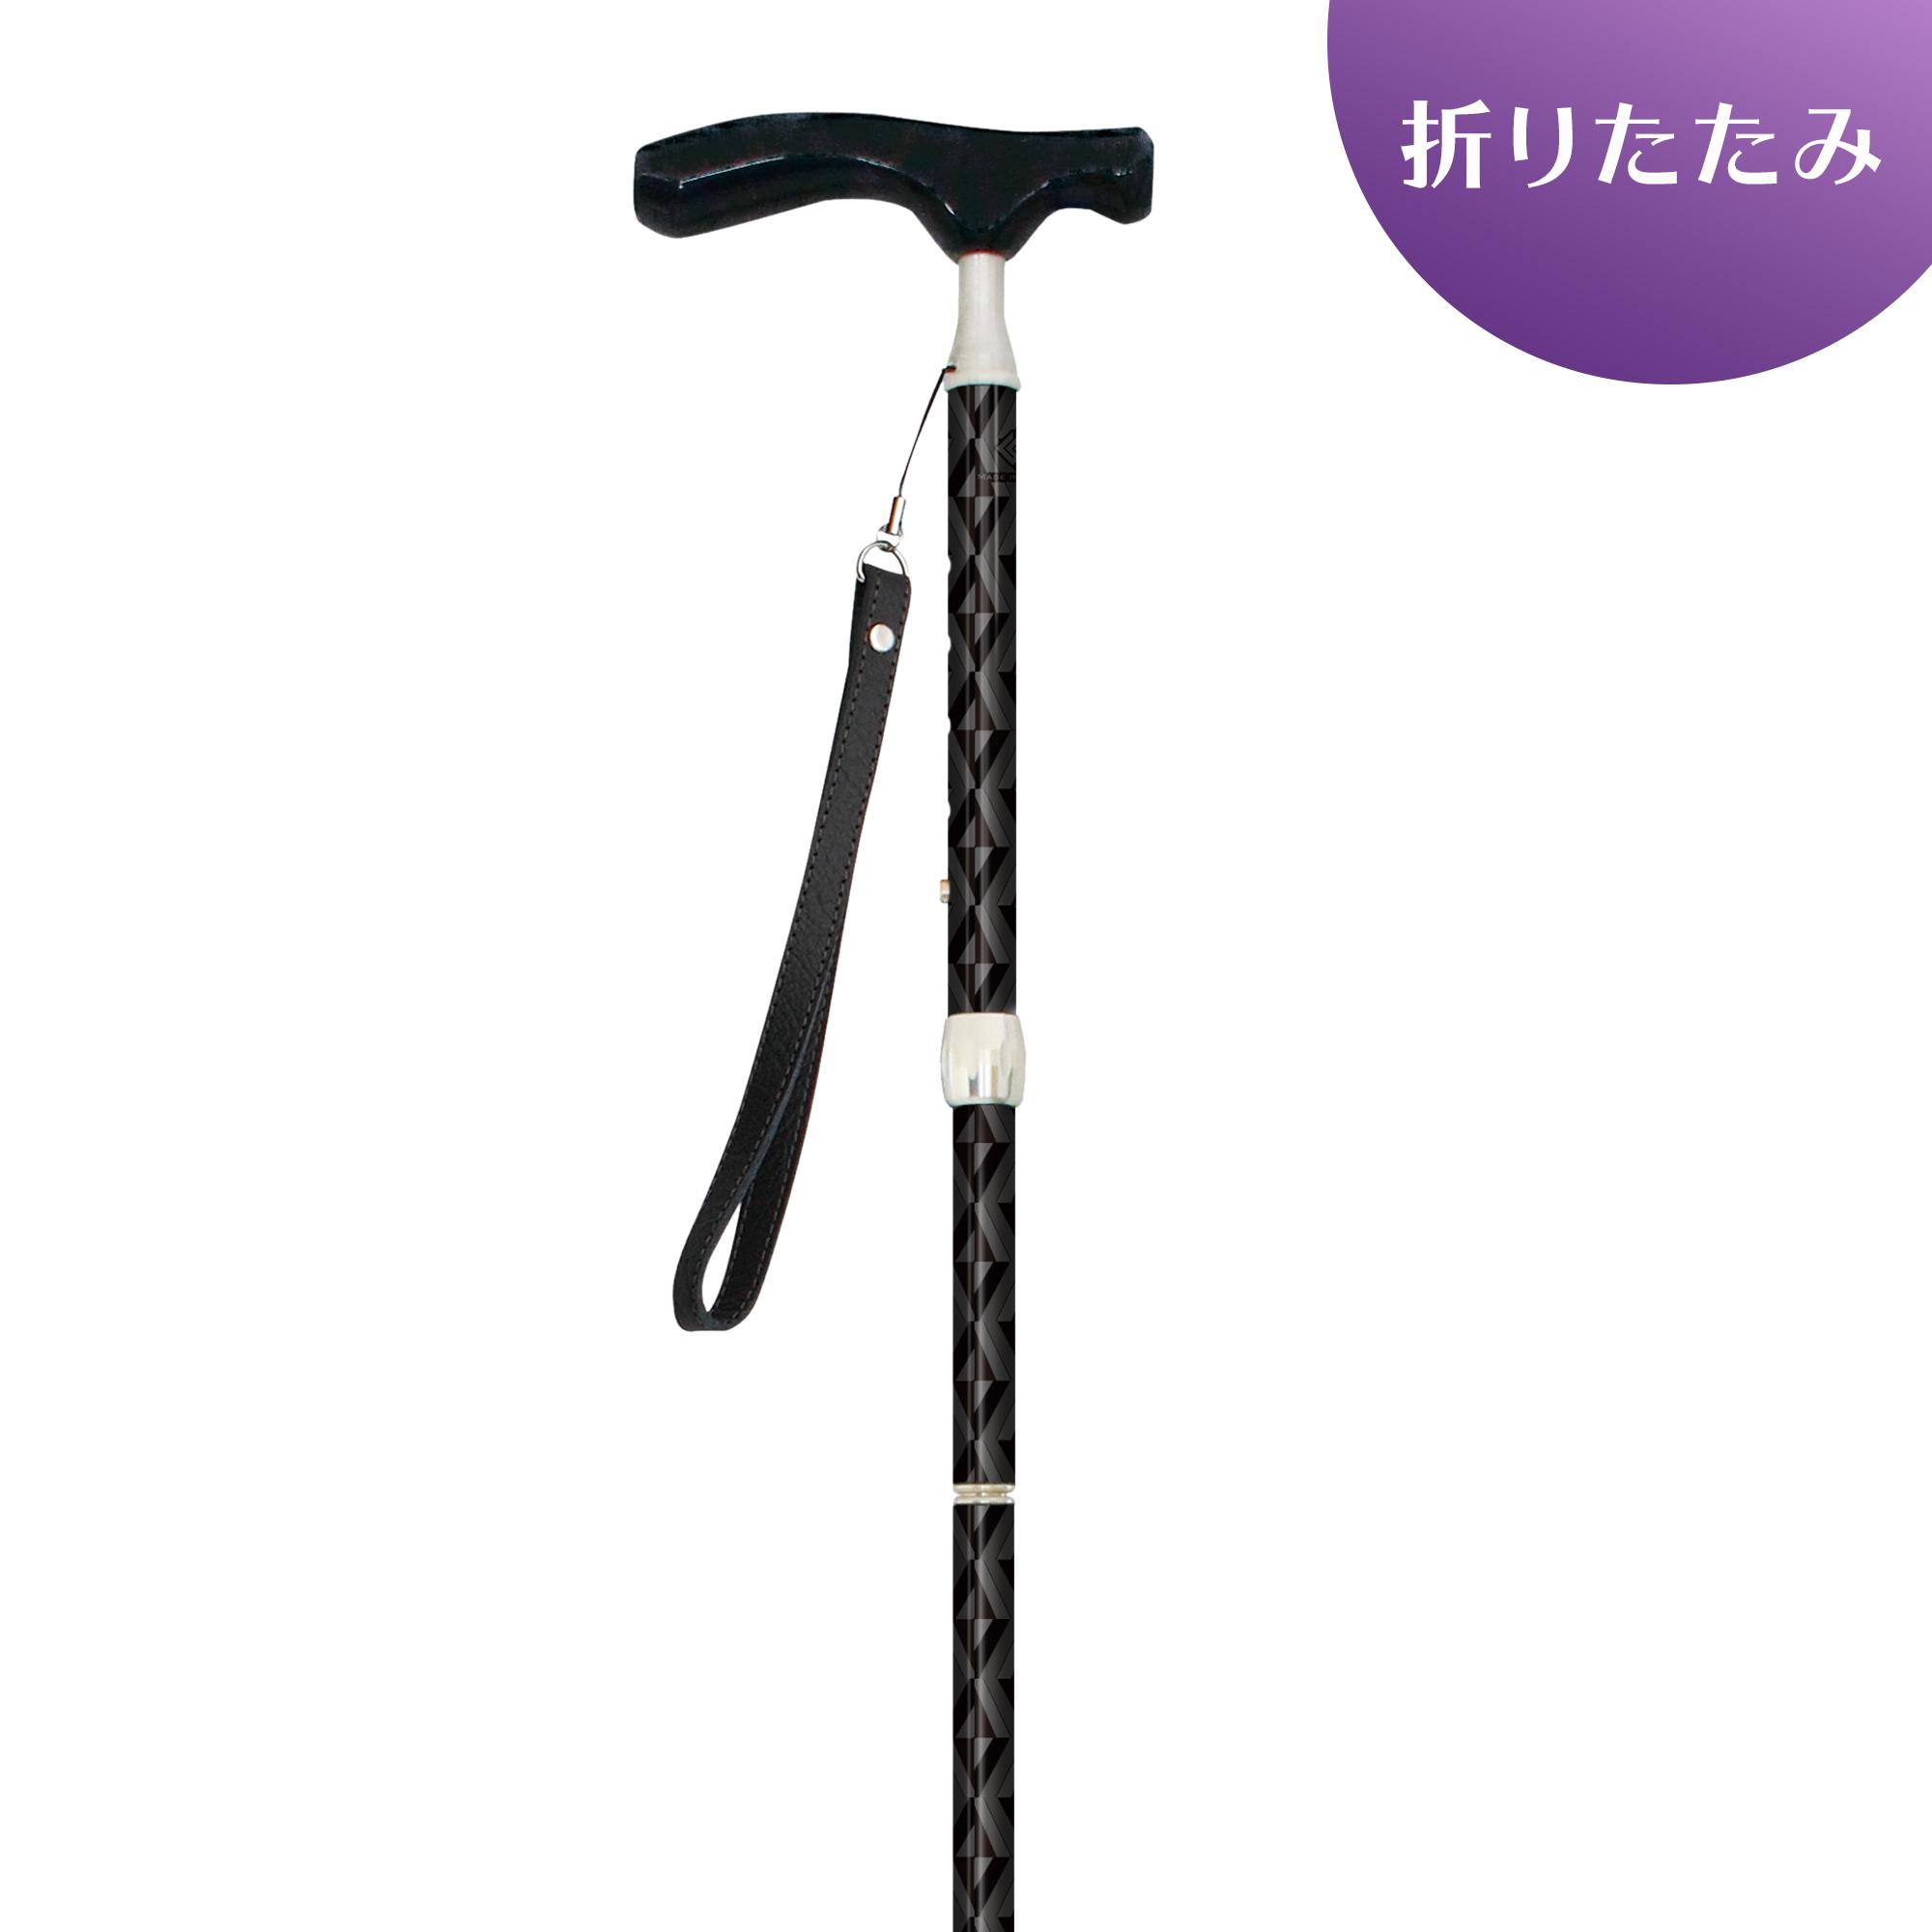 4段折畳式伸縮杖シナノ グランドカイノスBLACK 「アールデコブラック」